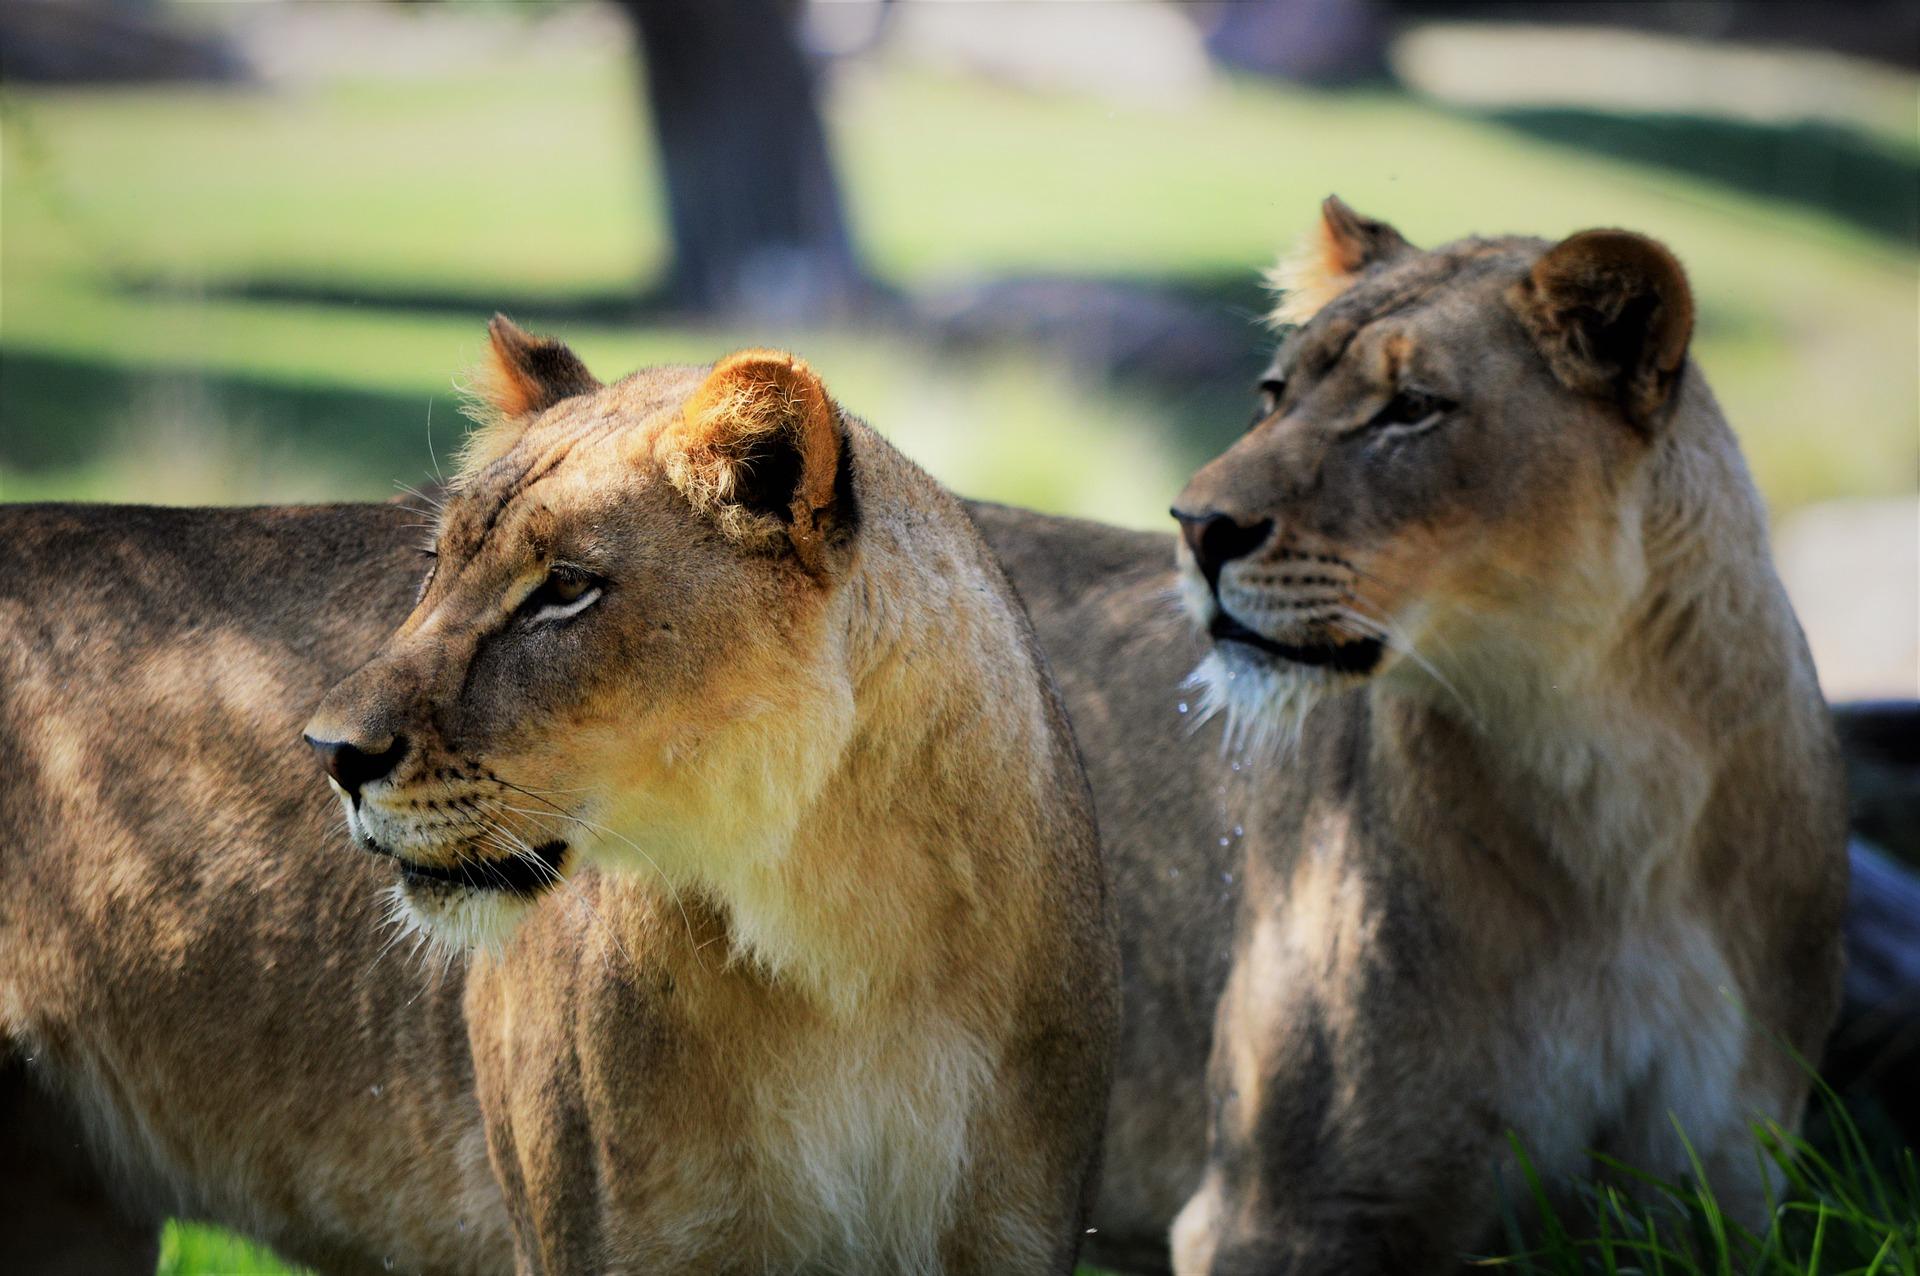 family-friendly San Diego, visit San Diego, San Diego with kids, San Diego zoo